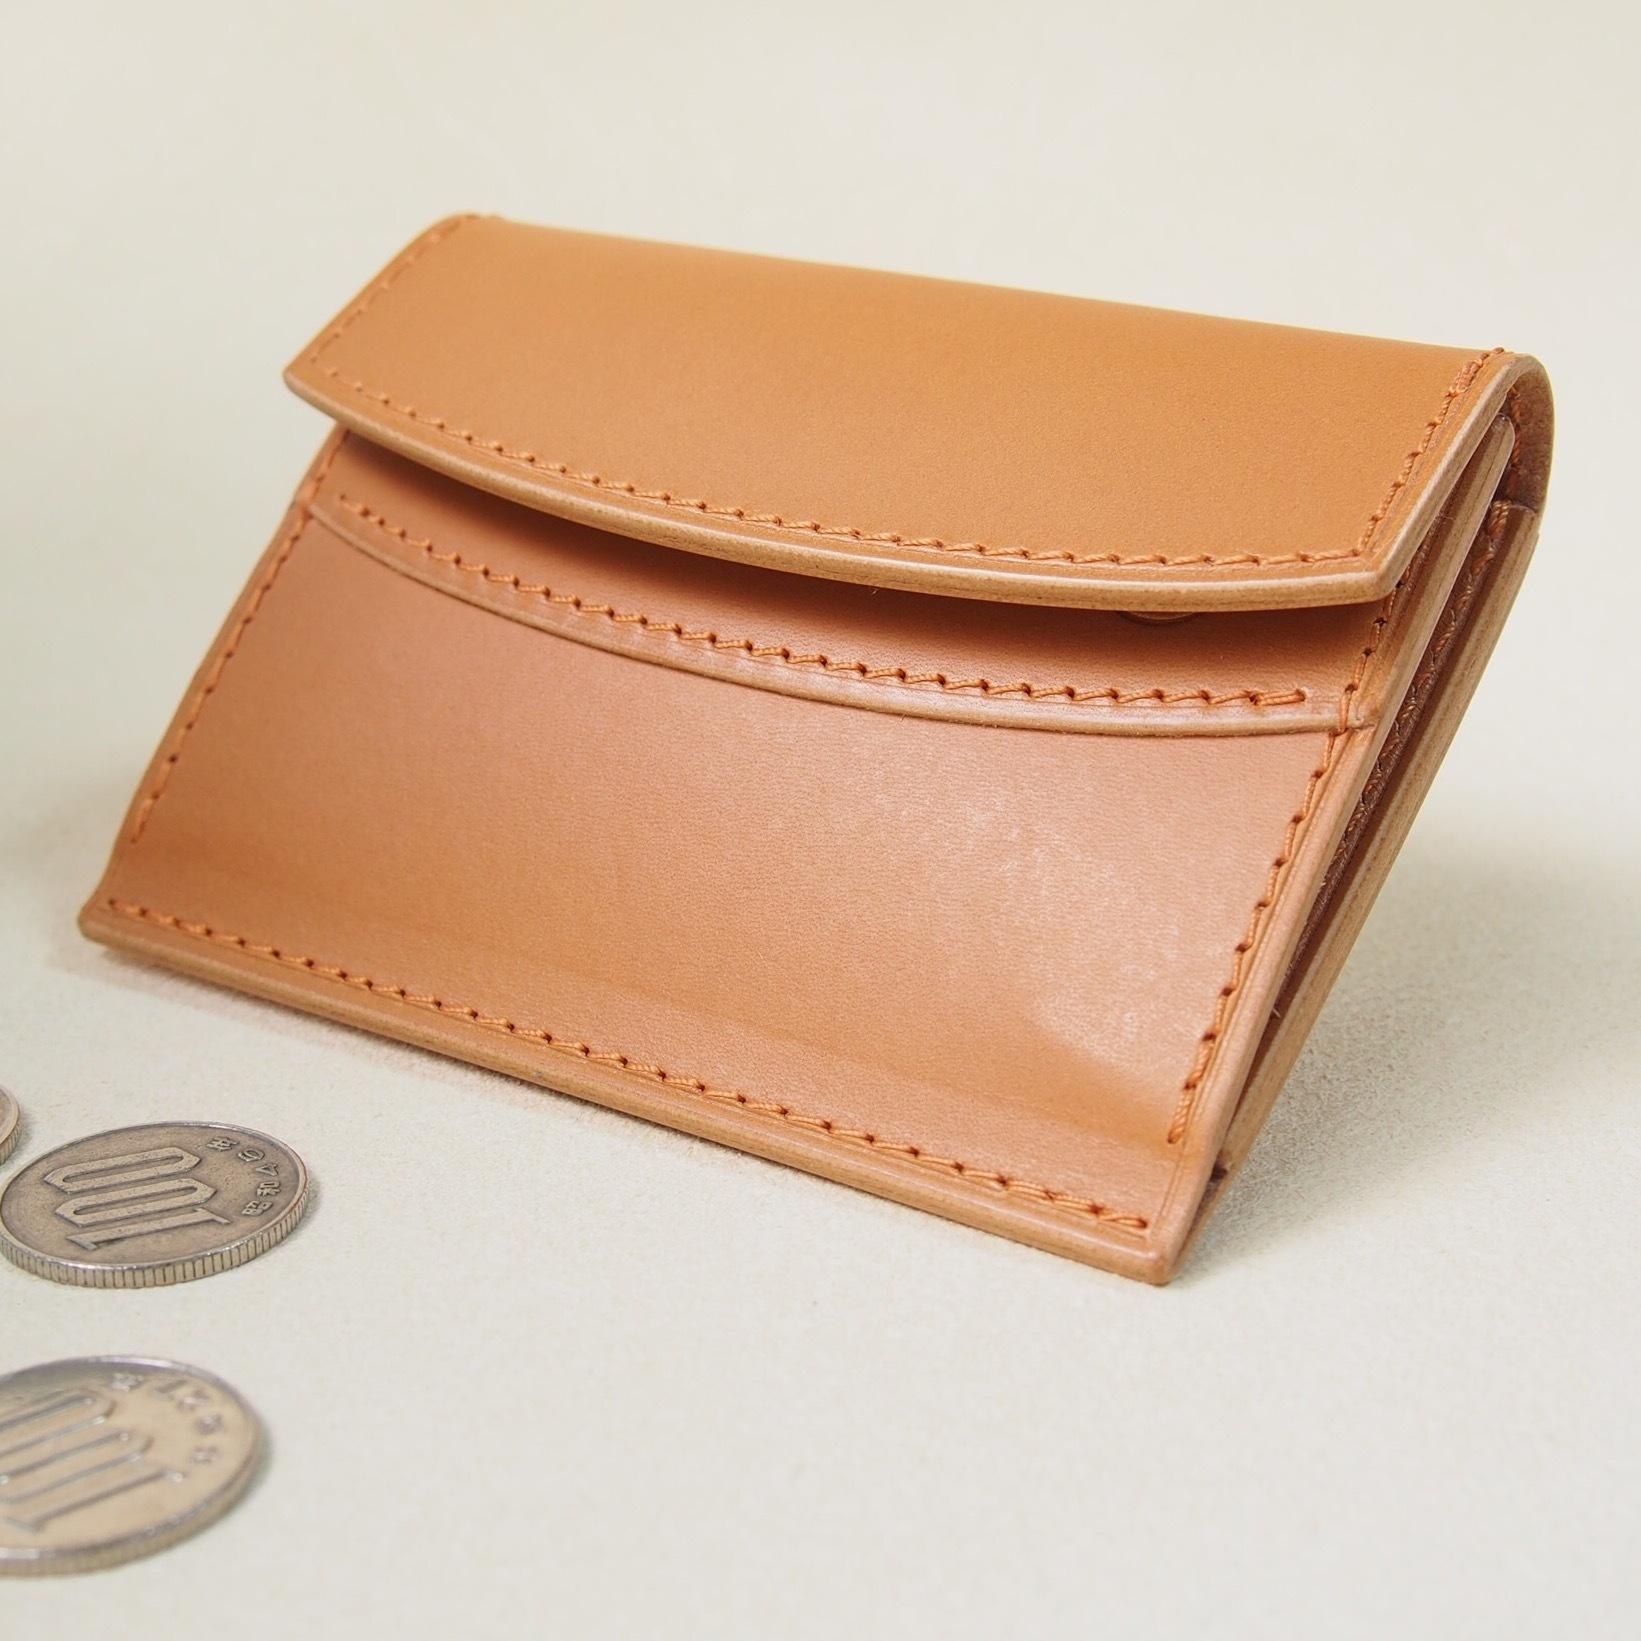 お財布みたいなコインケース#キャメル